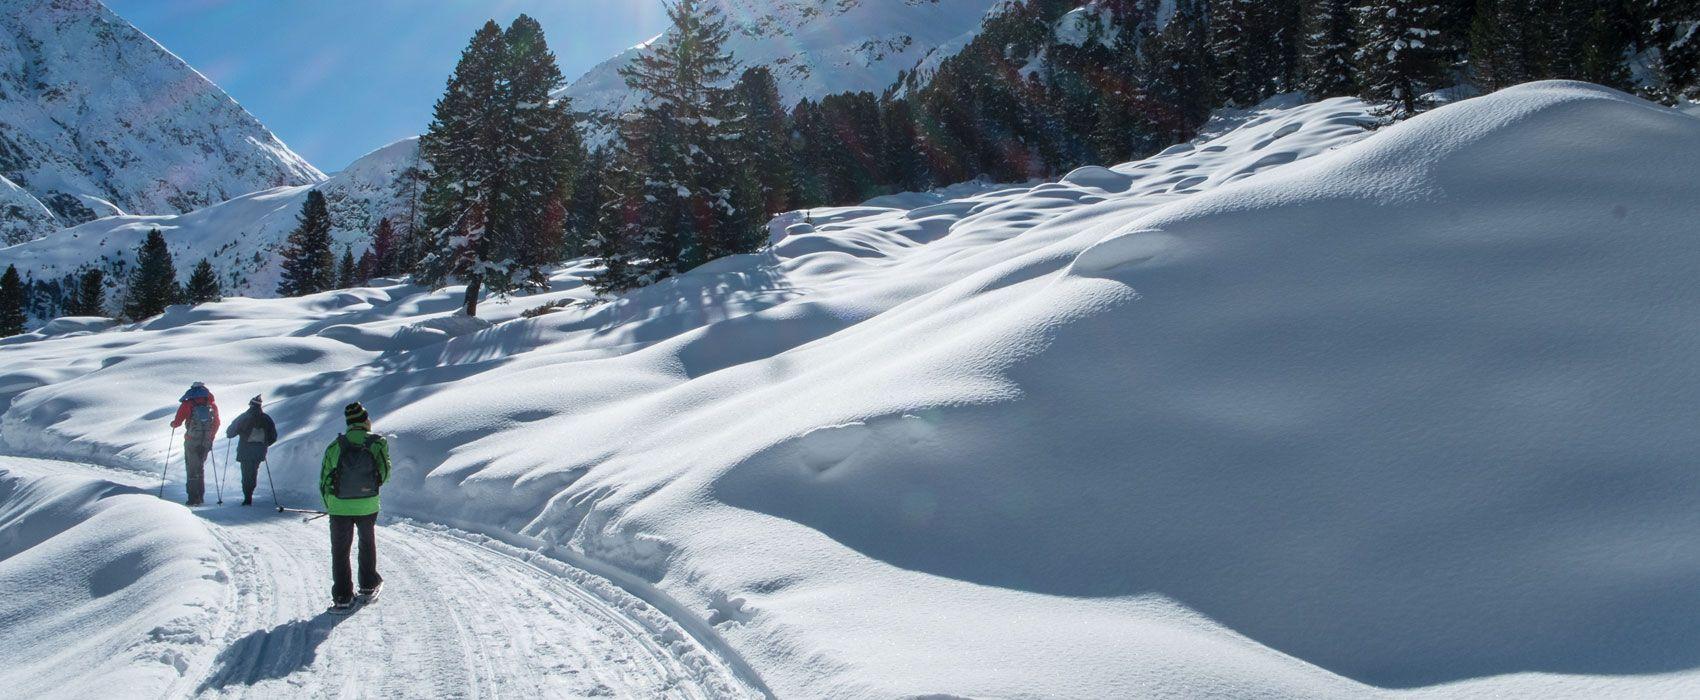 Winterwanderung im Ötztal